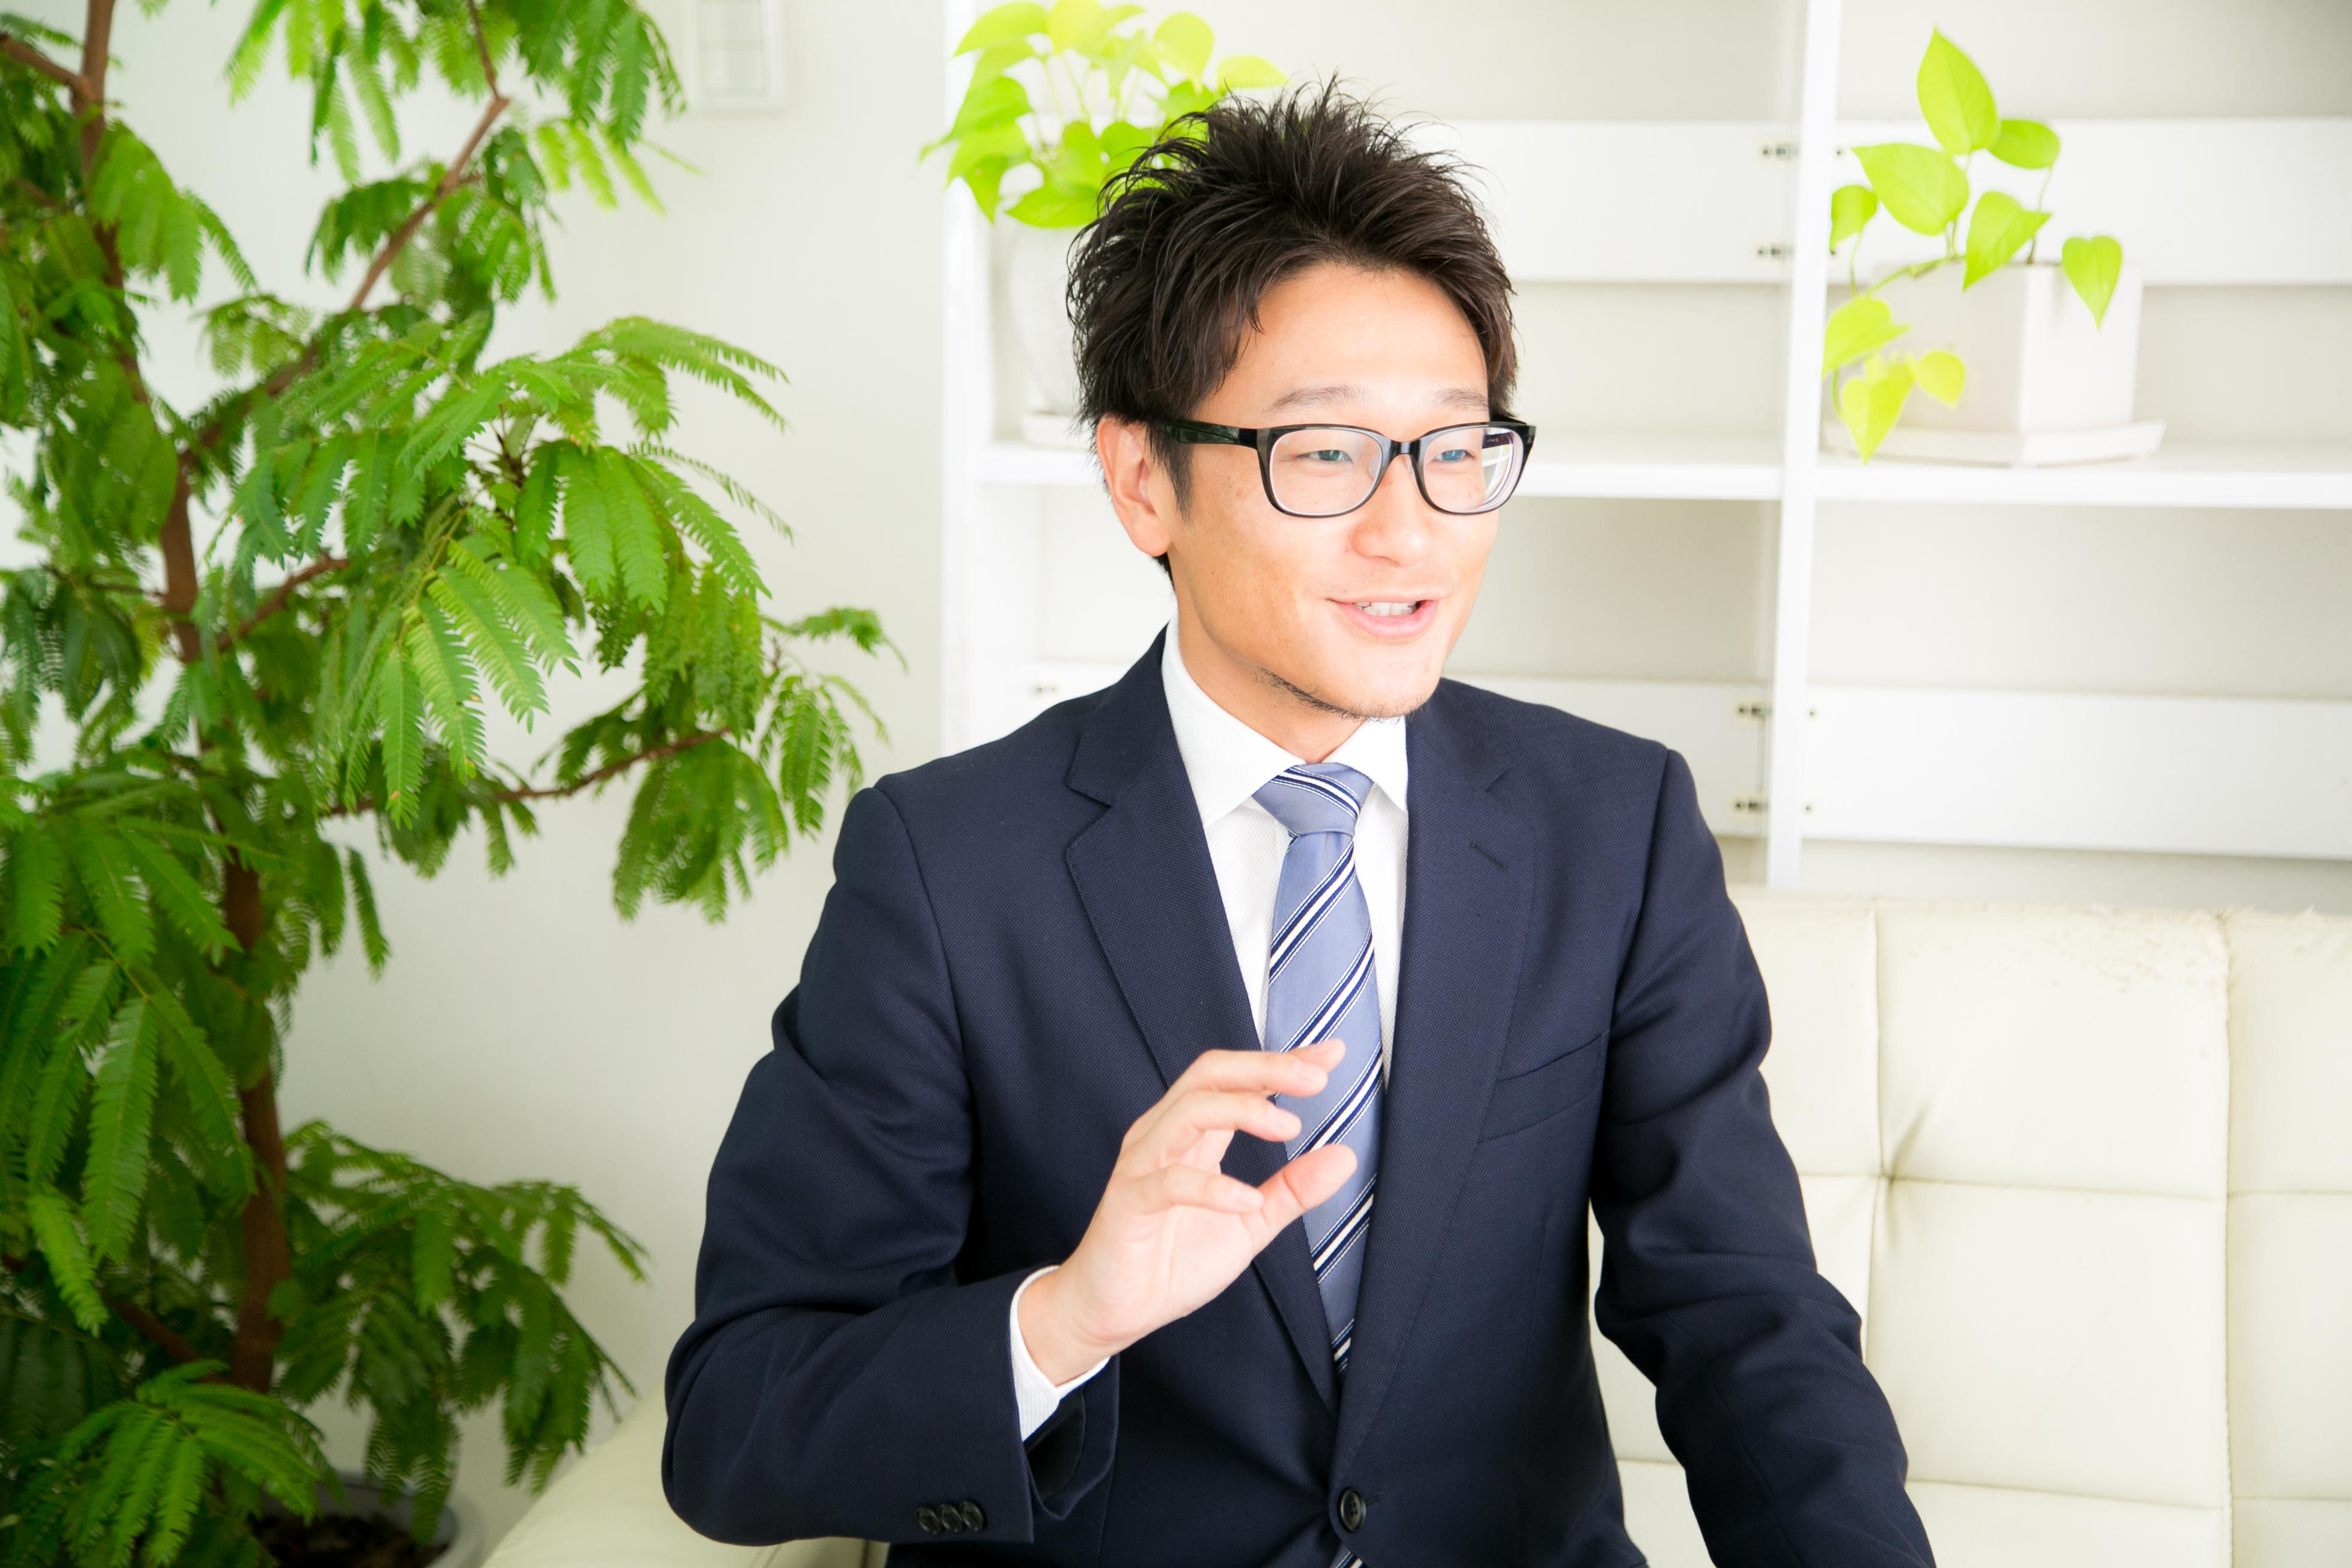 三菱商事出身、元DeNA執行役員がマンツーマンで学生を徹底的に育てます! 少数精鋭のプロフェッショナル集団でインターンしよう!